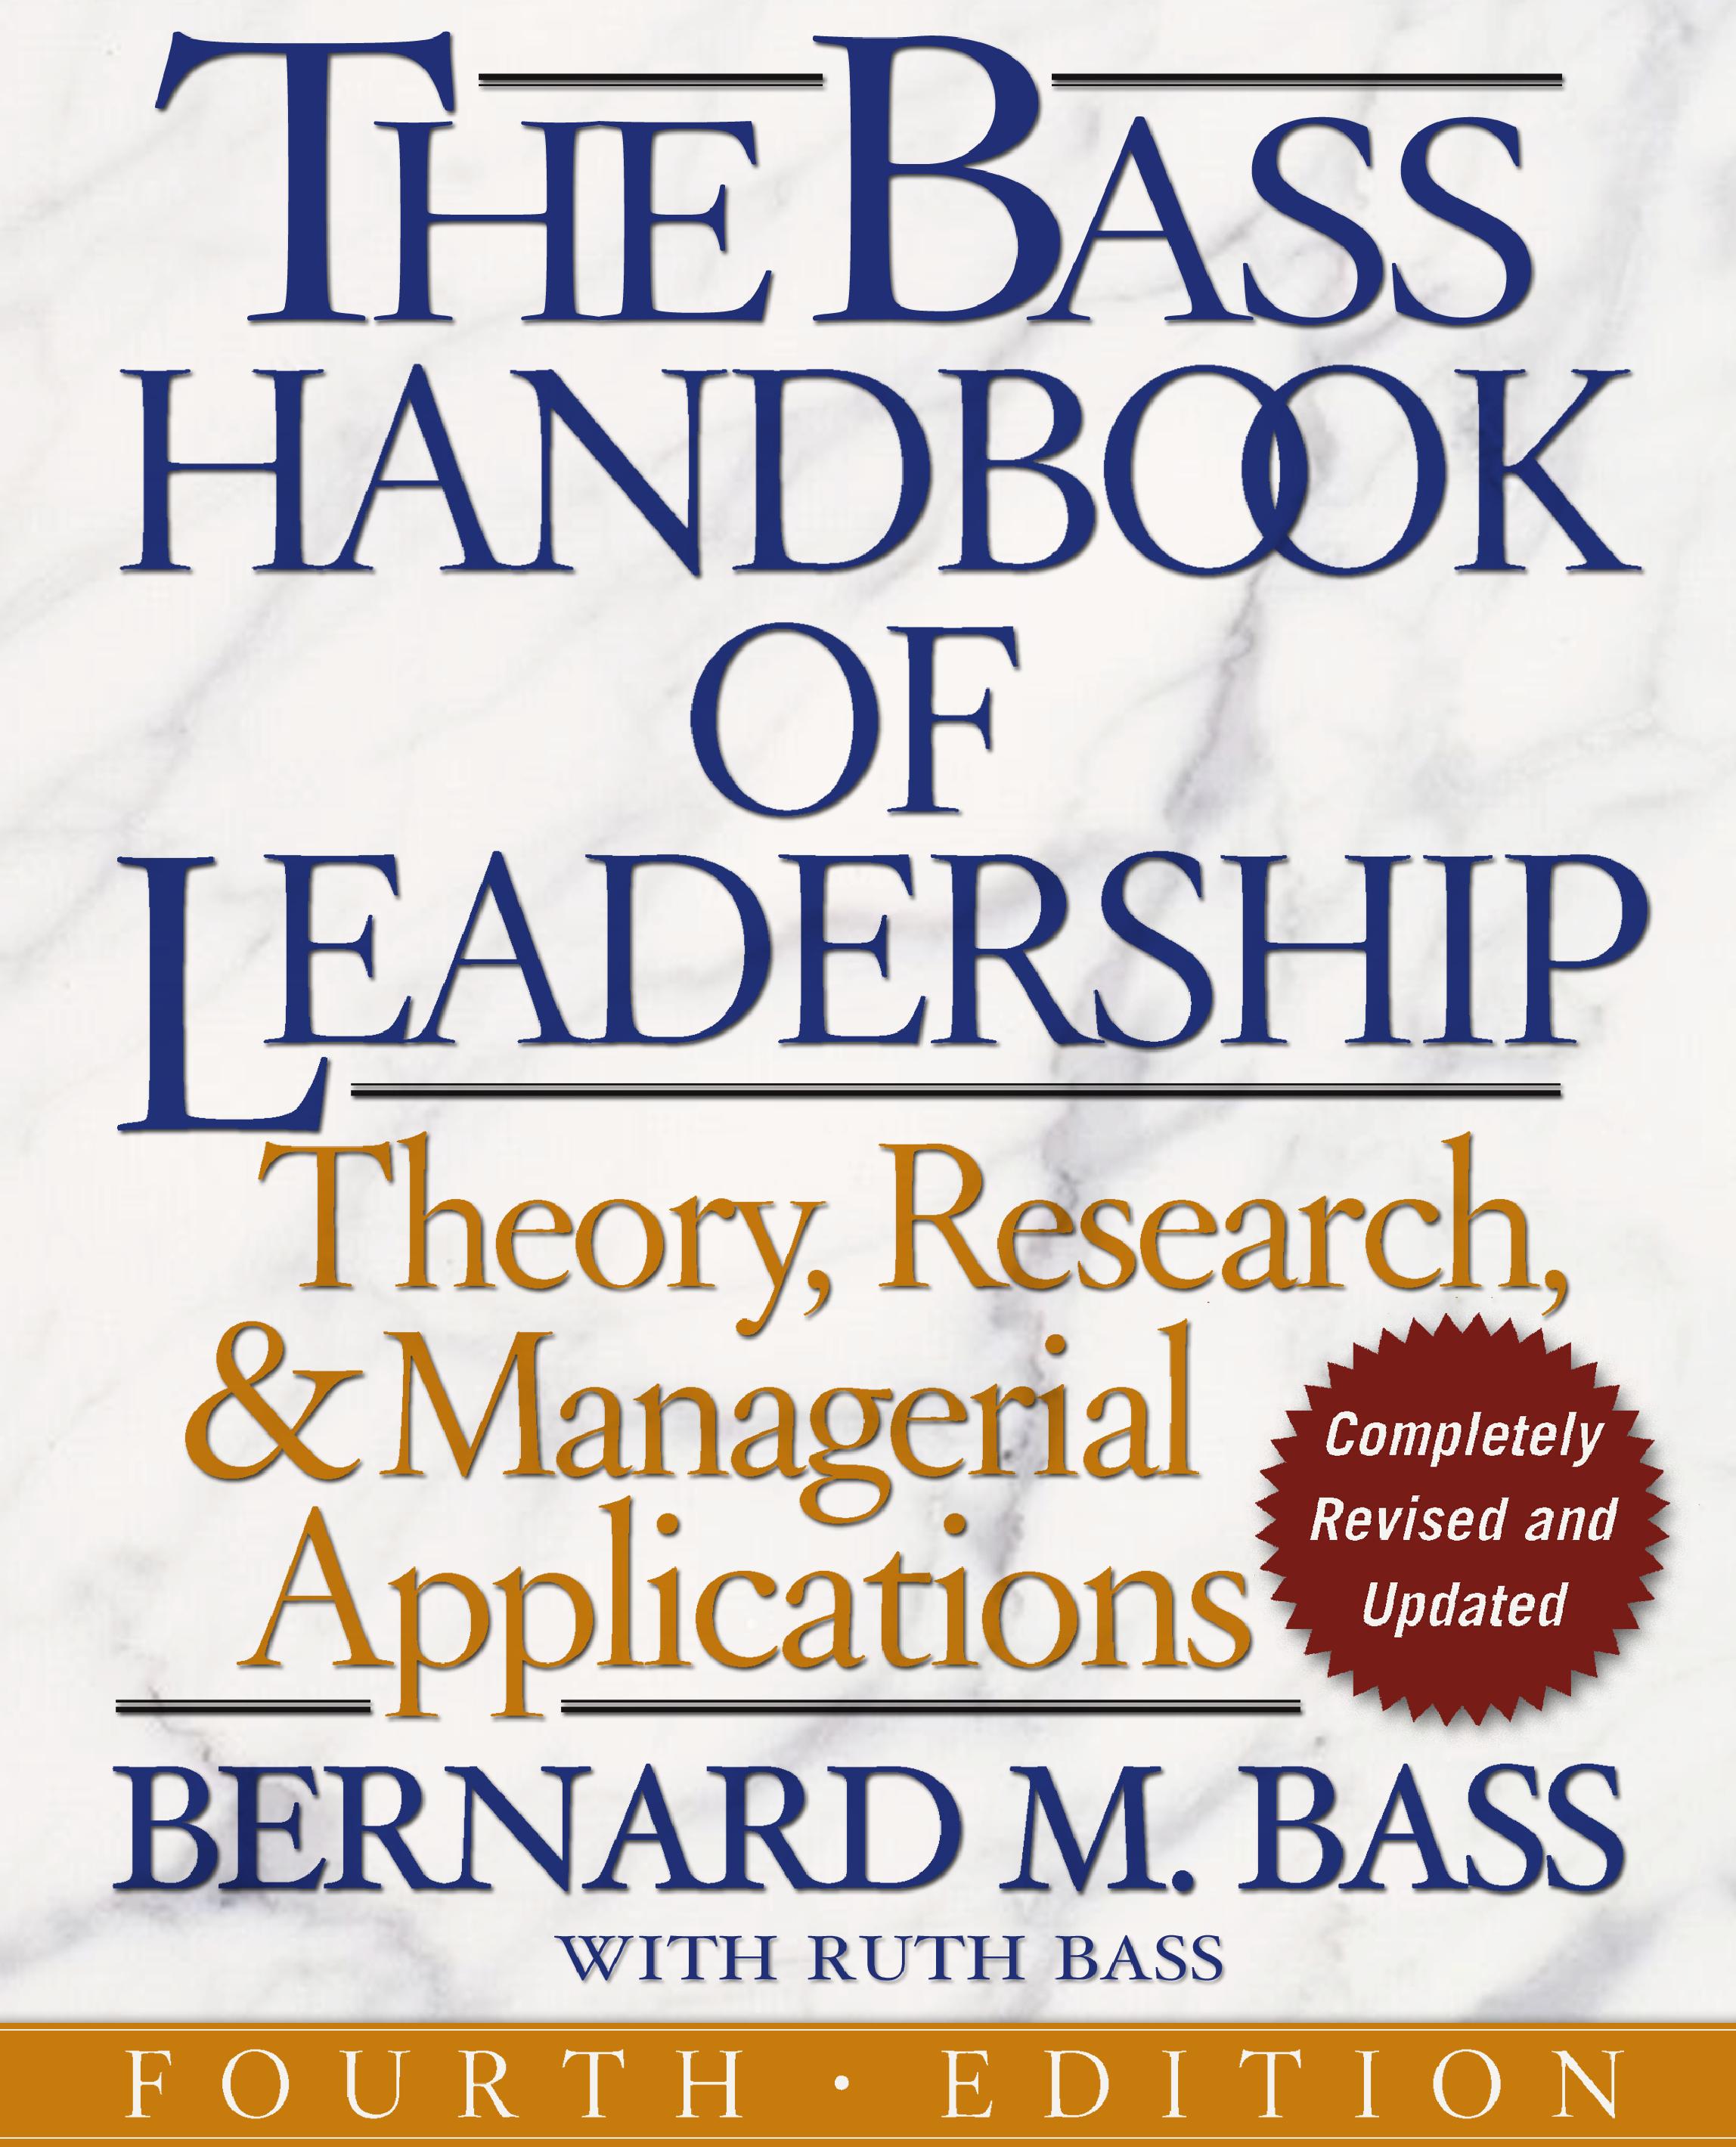 The Bass Handbook of Leadership   Book by Bernard M  Bass